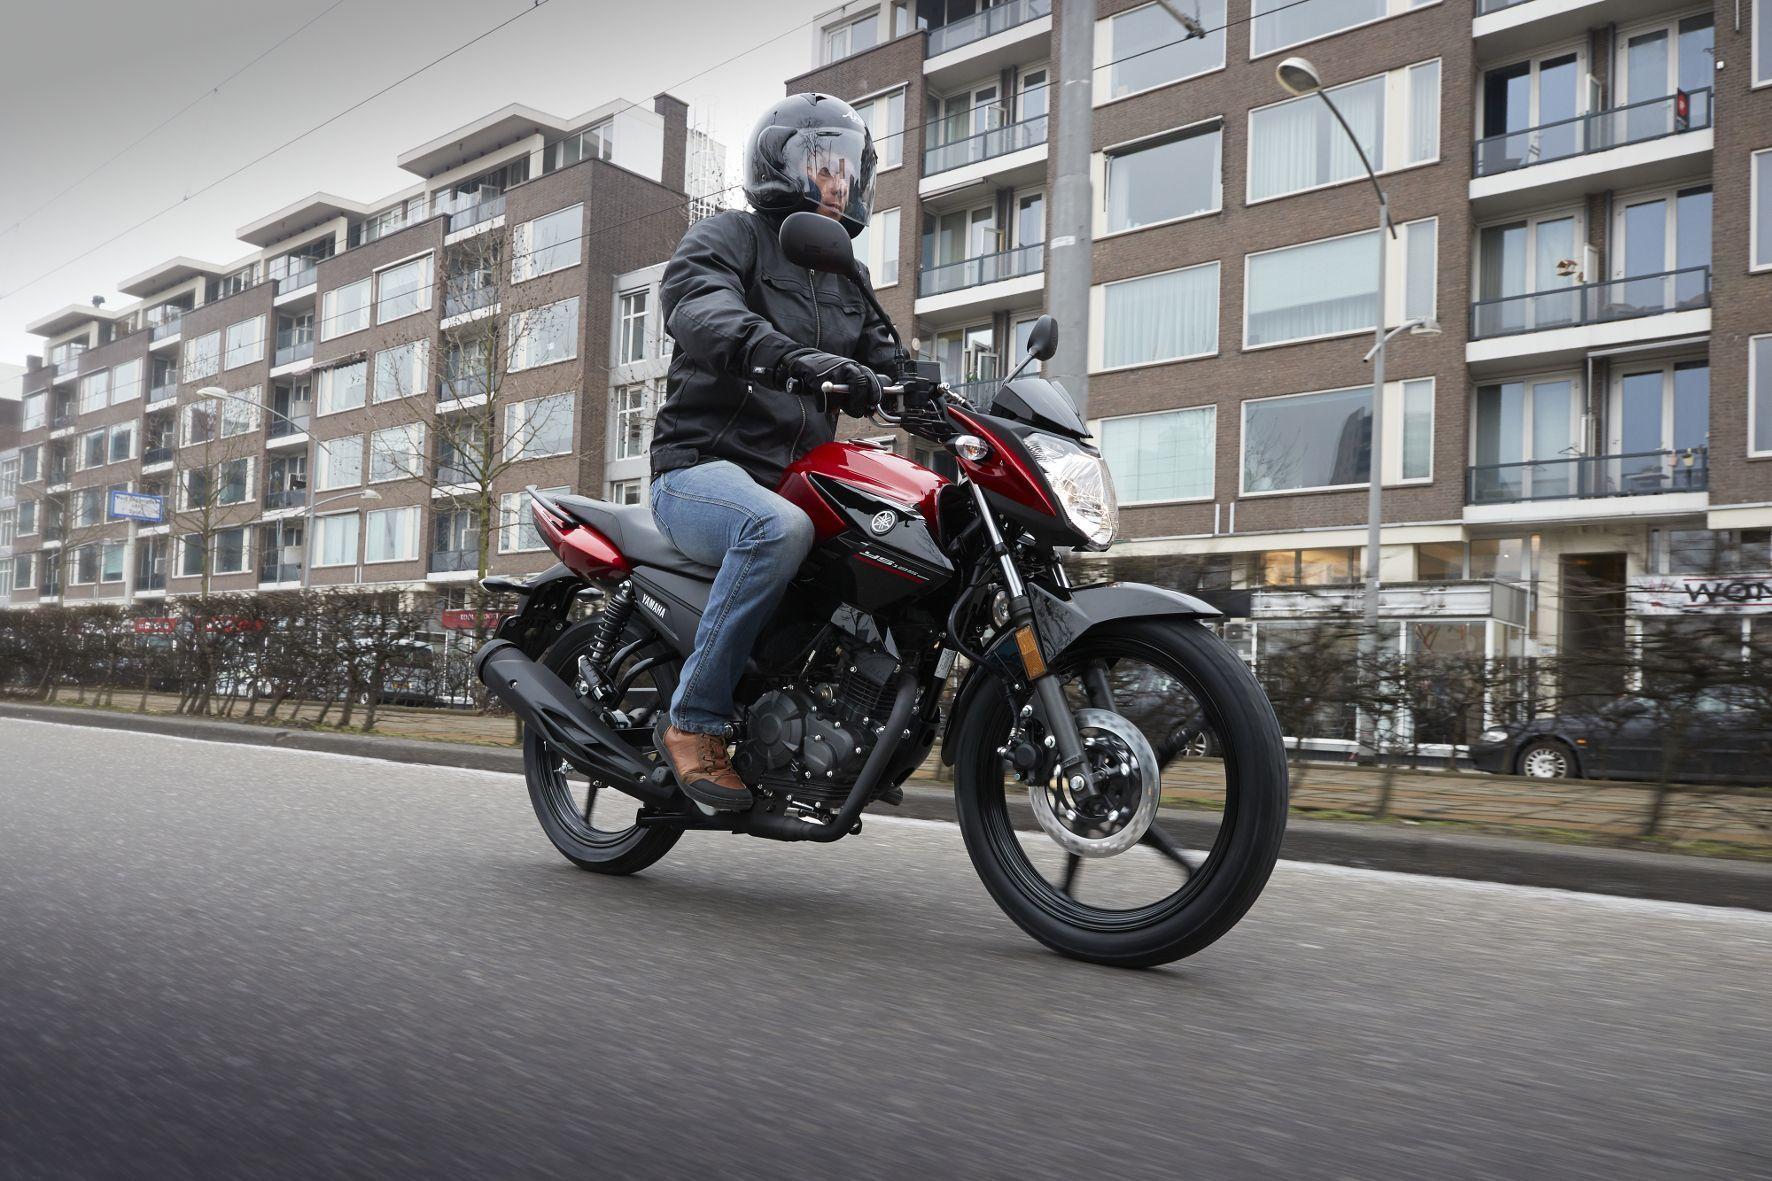 mid Groß-Gerau - Die neue Yamaha YS125 ist flott gestylt und ermöglicht eine angenehm aufrechte Sitzposition.